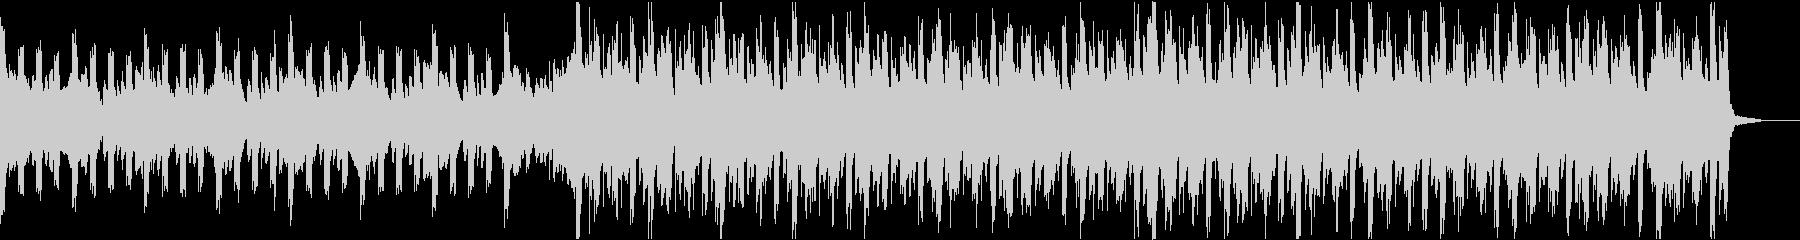 きらきらピアノ企業VPコーポレートdの未再生の波形